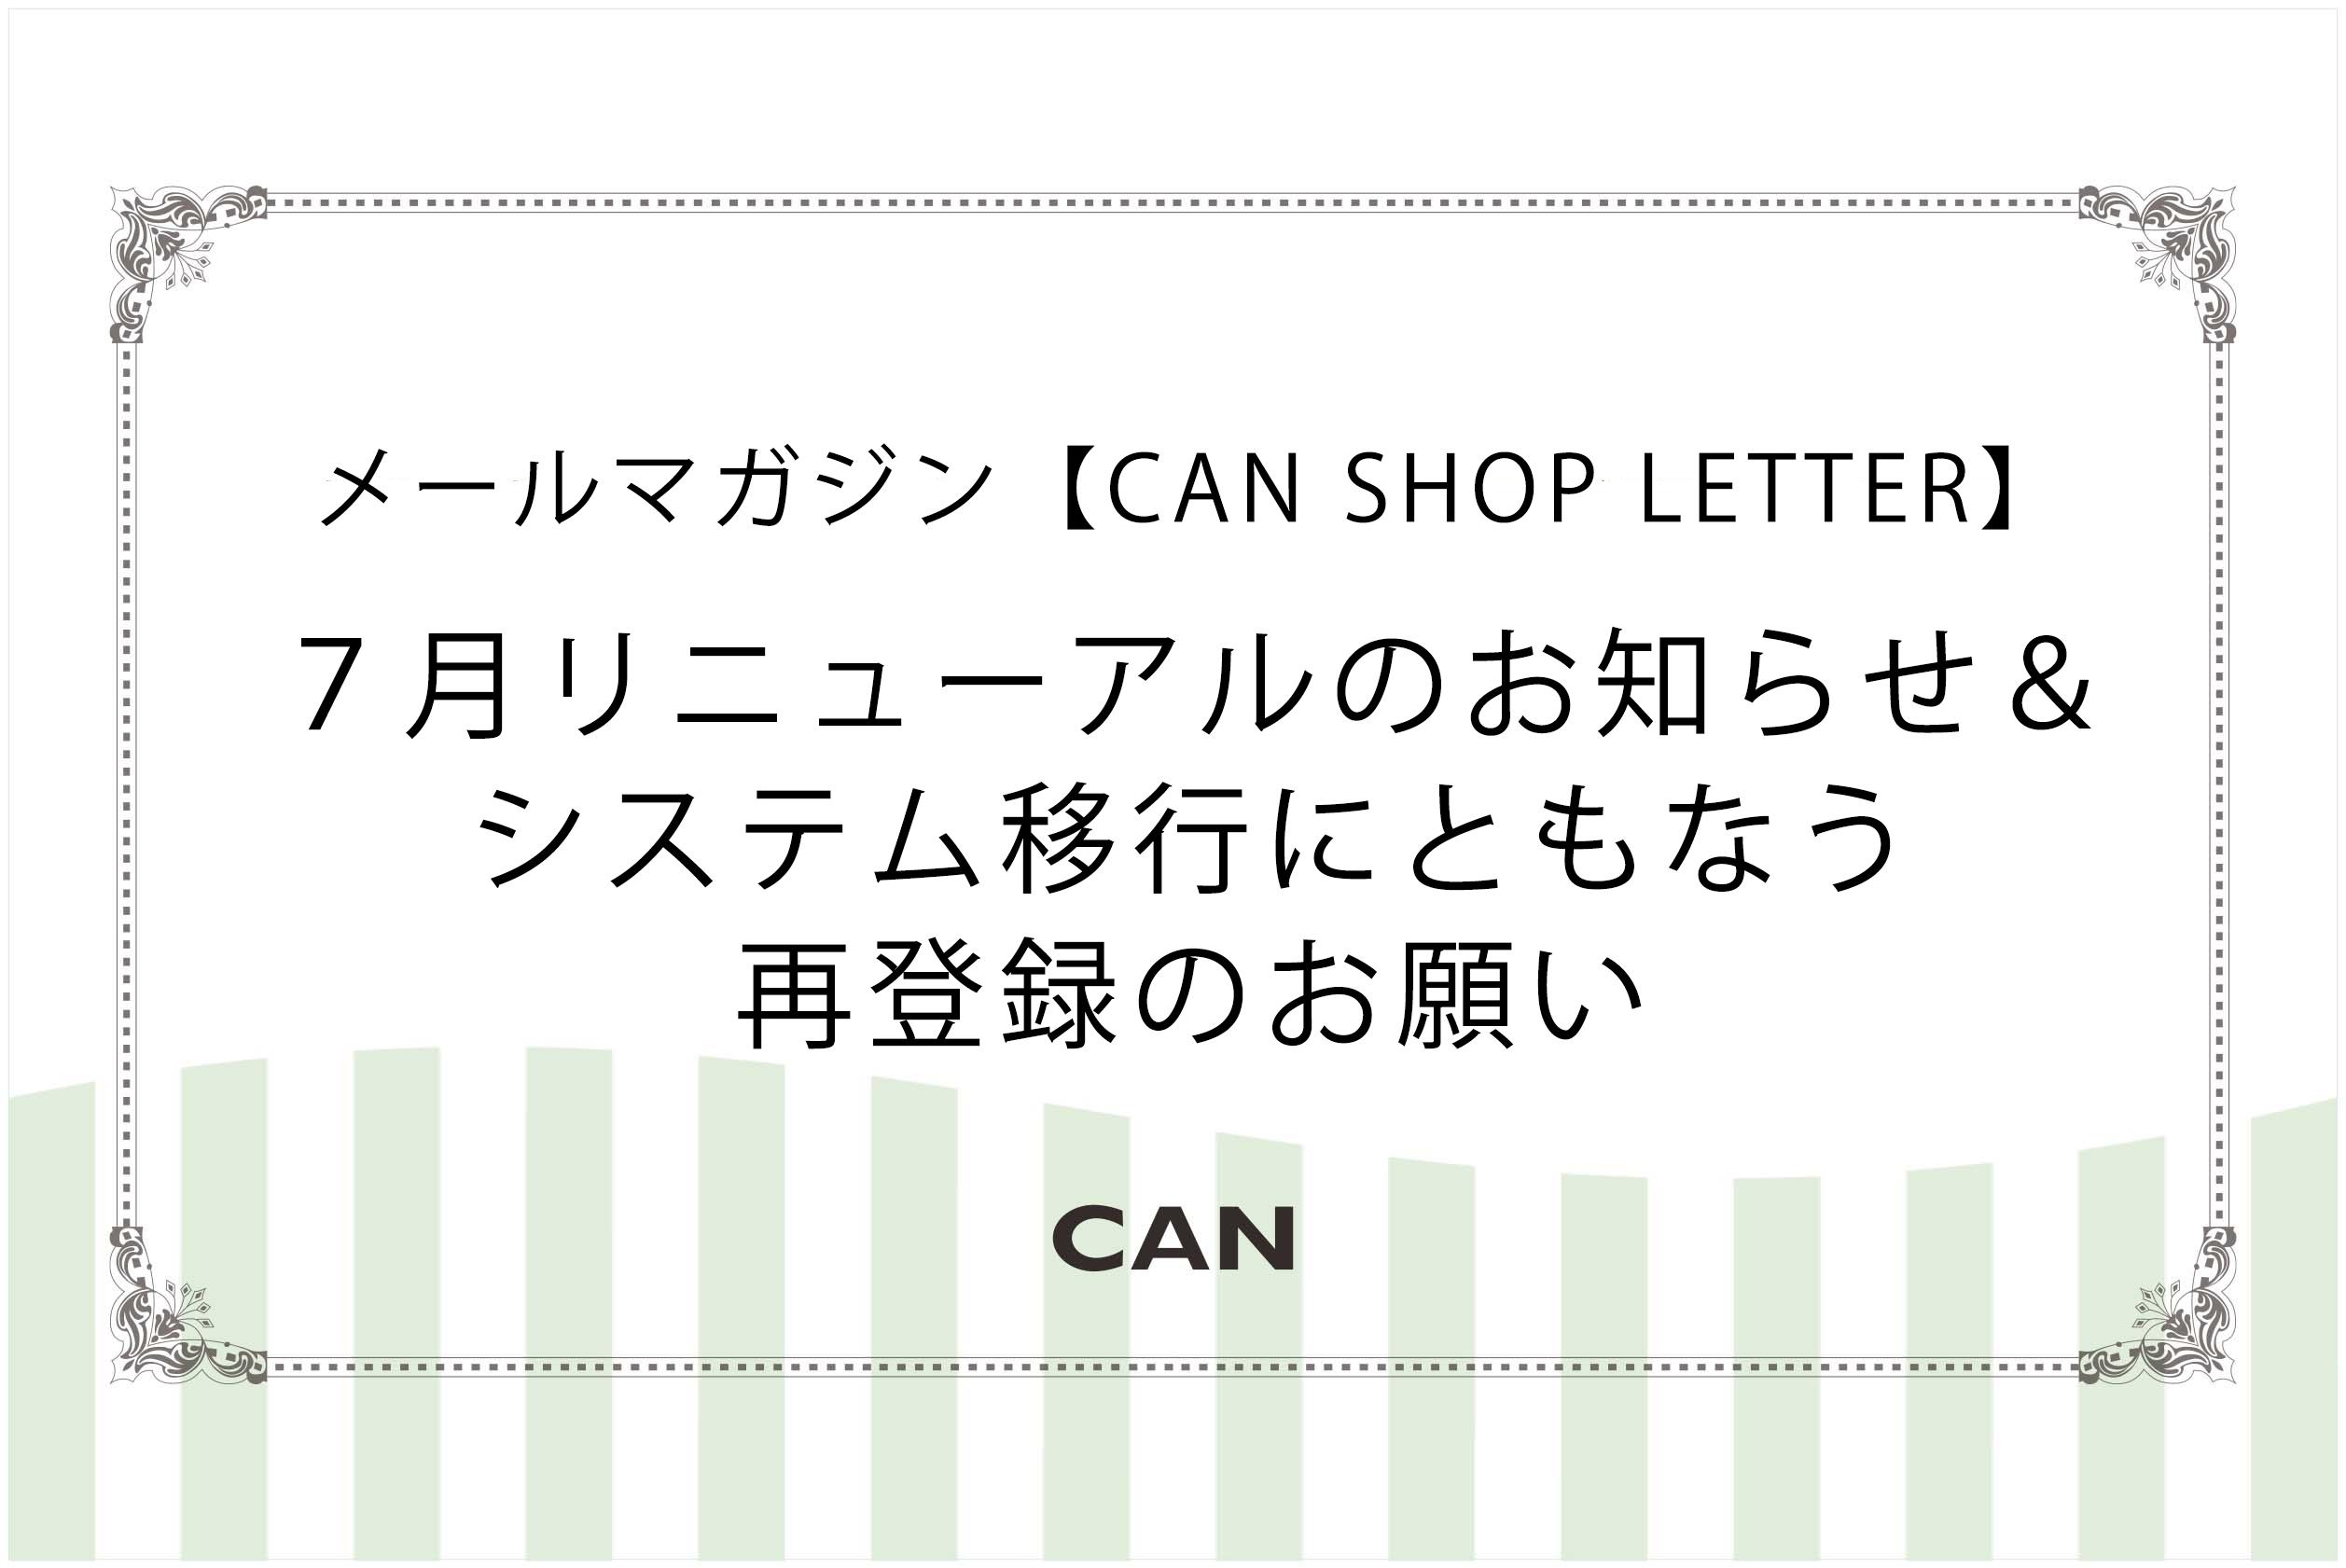 メールマガジン【CAN SHOP LETTER】リニューアルに伴う再登録のお願い